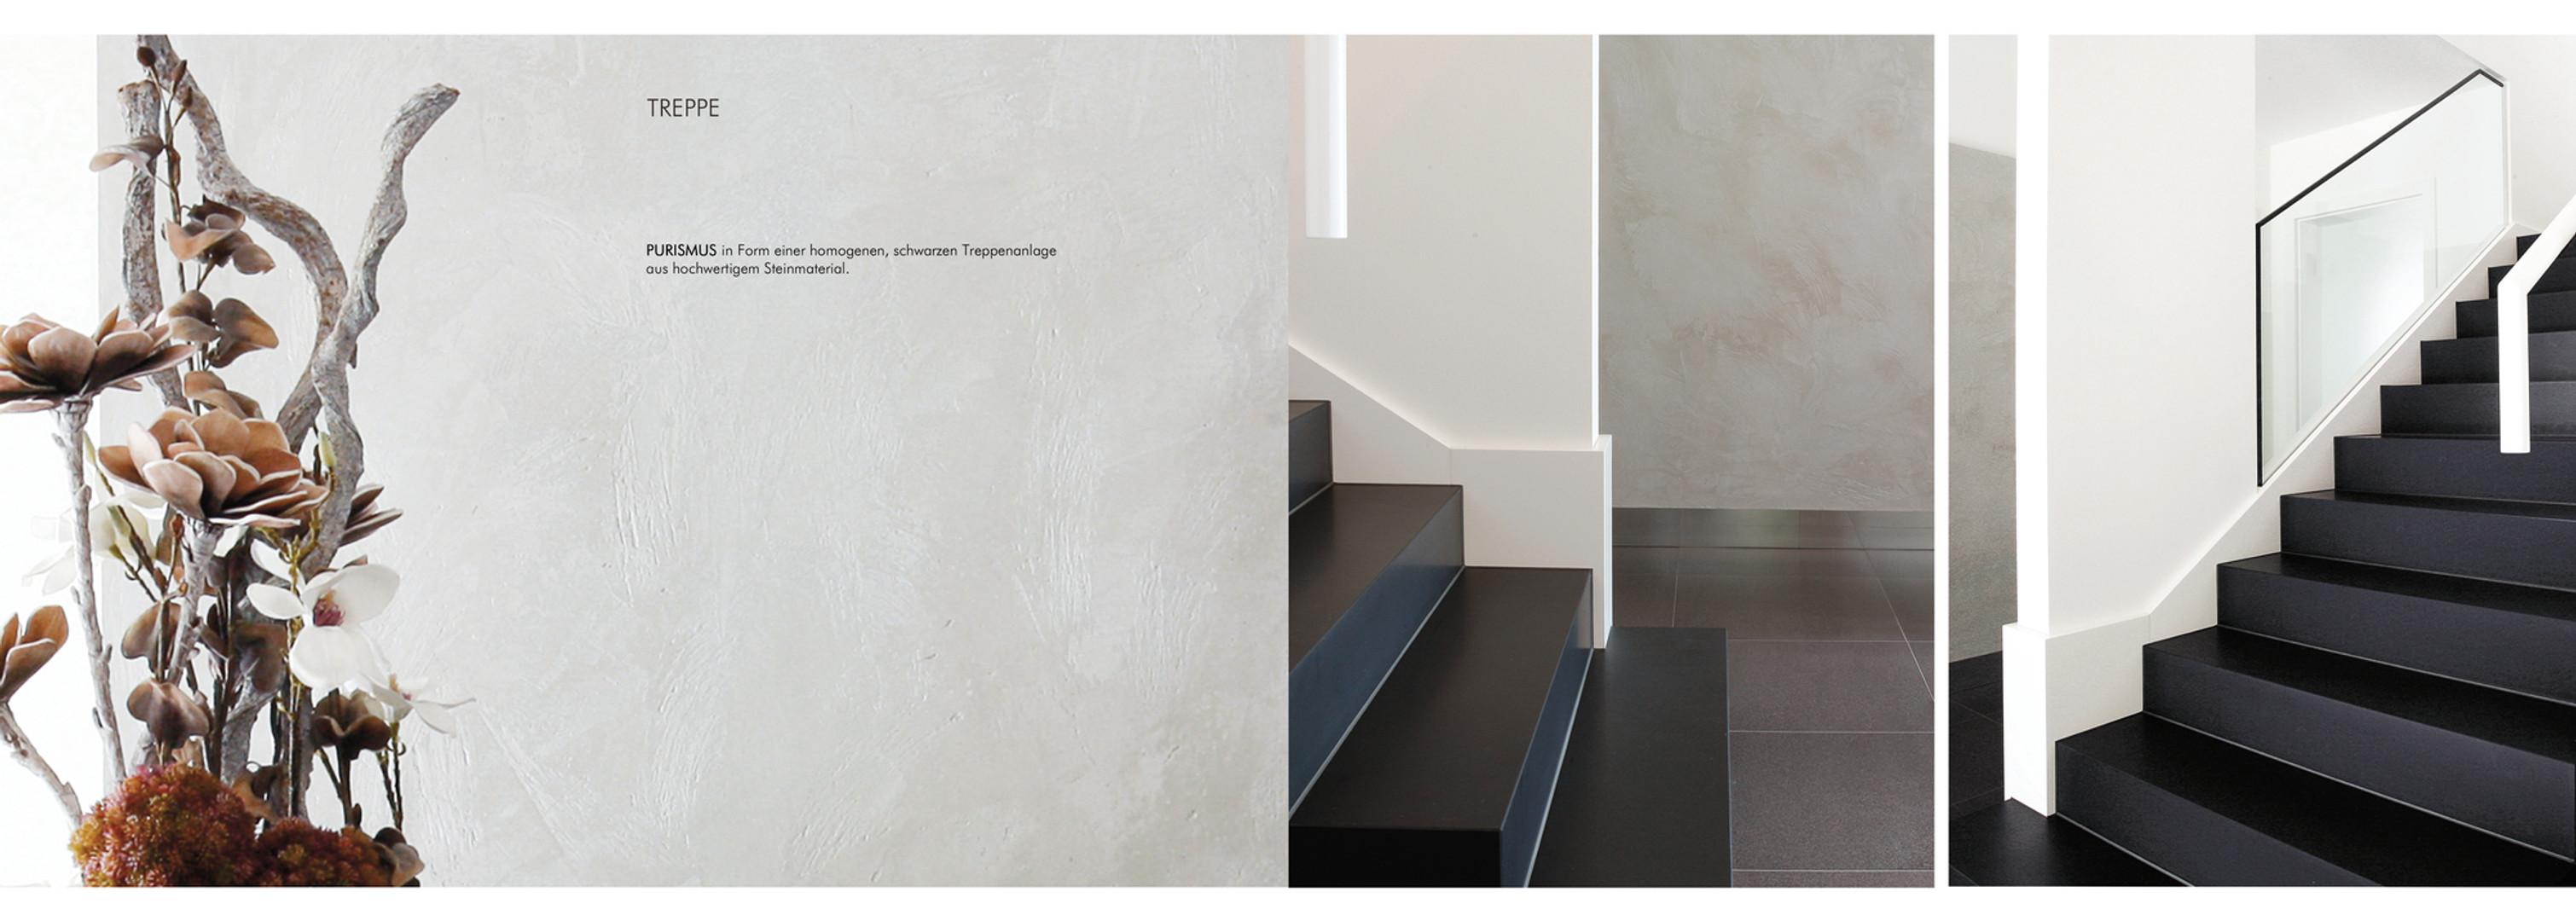 07_Mauk Galerie.jpg